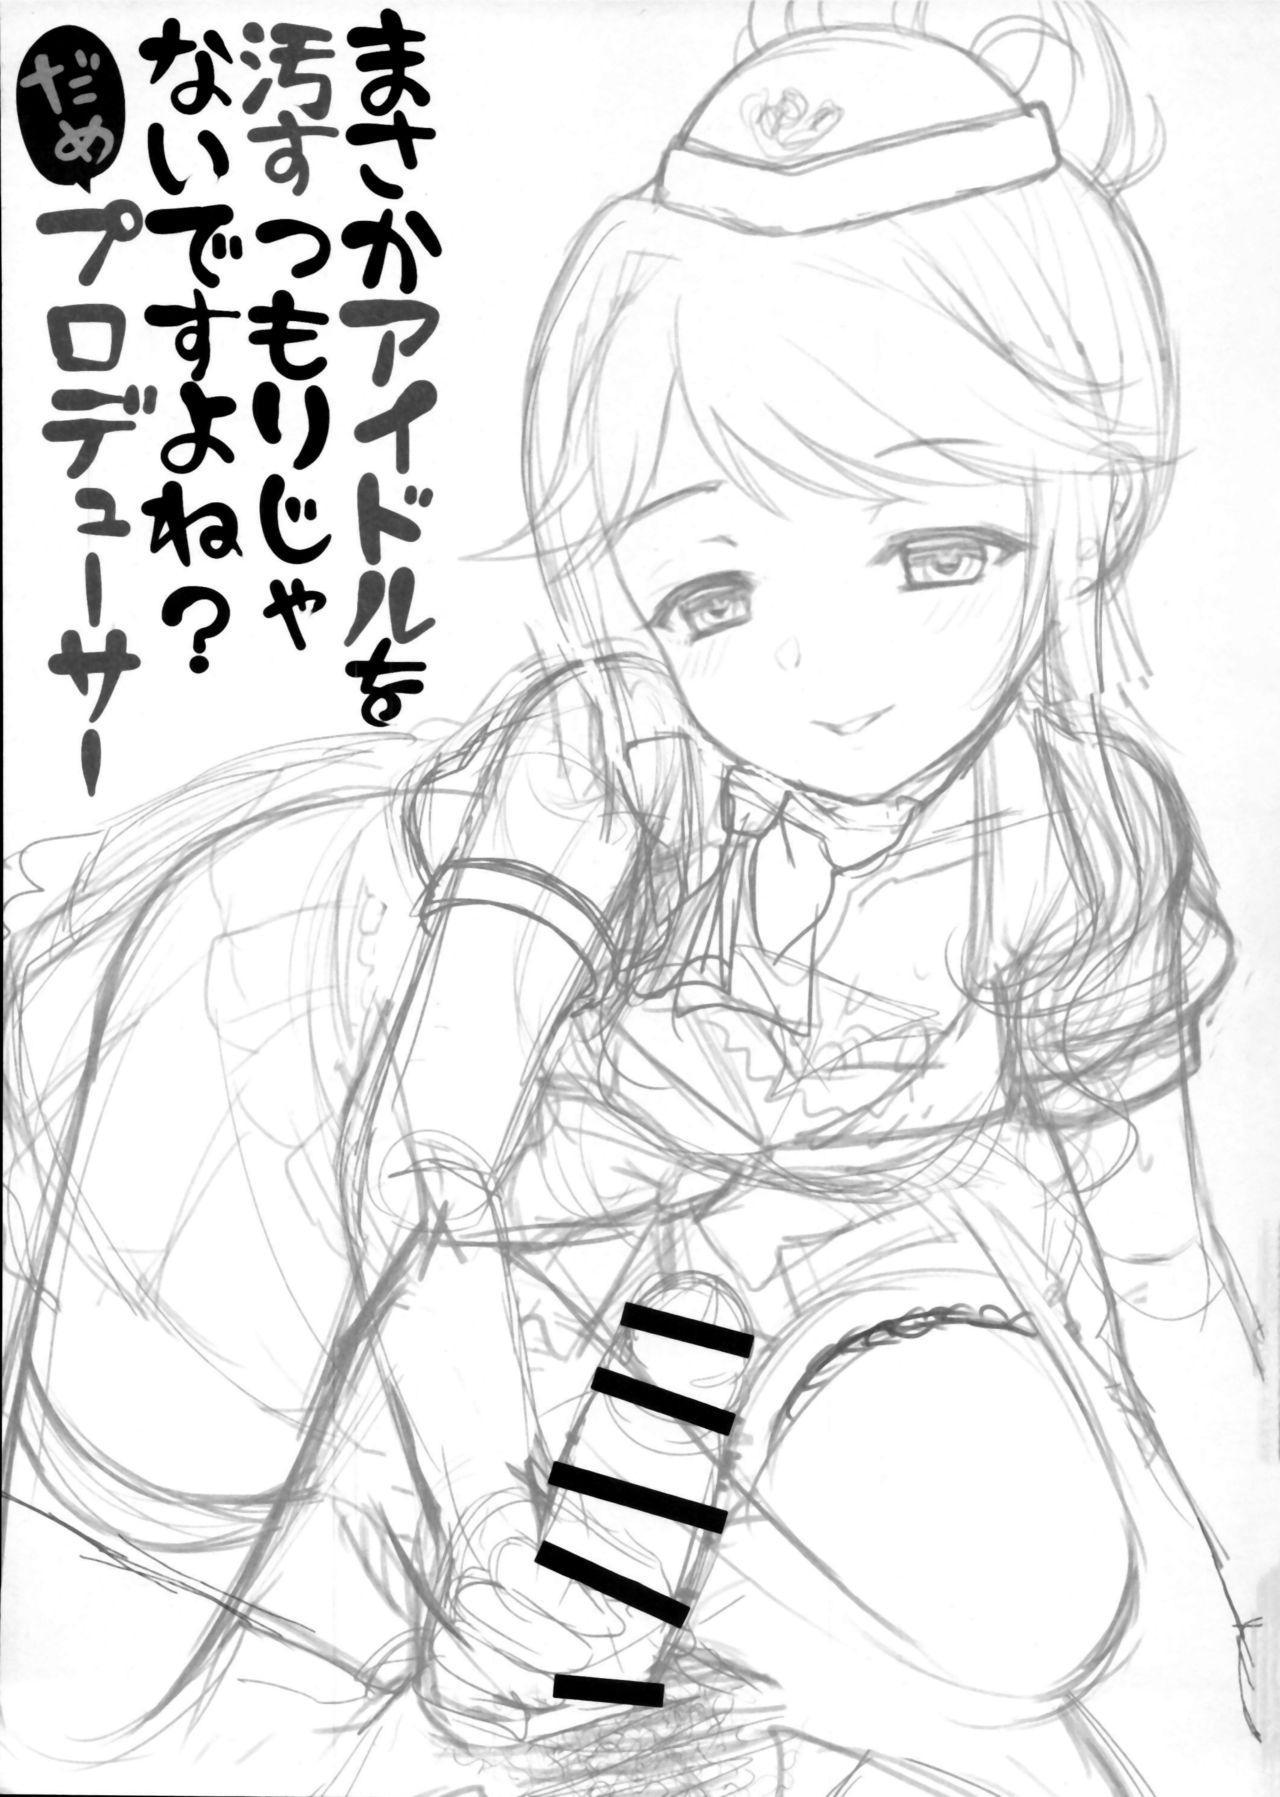 Masaka Idol o Yogosu Tsumori Ja Nai Desu yo ne? Dame Producer 1